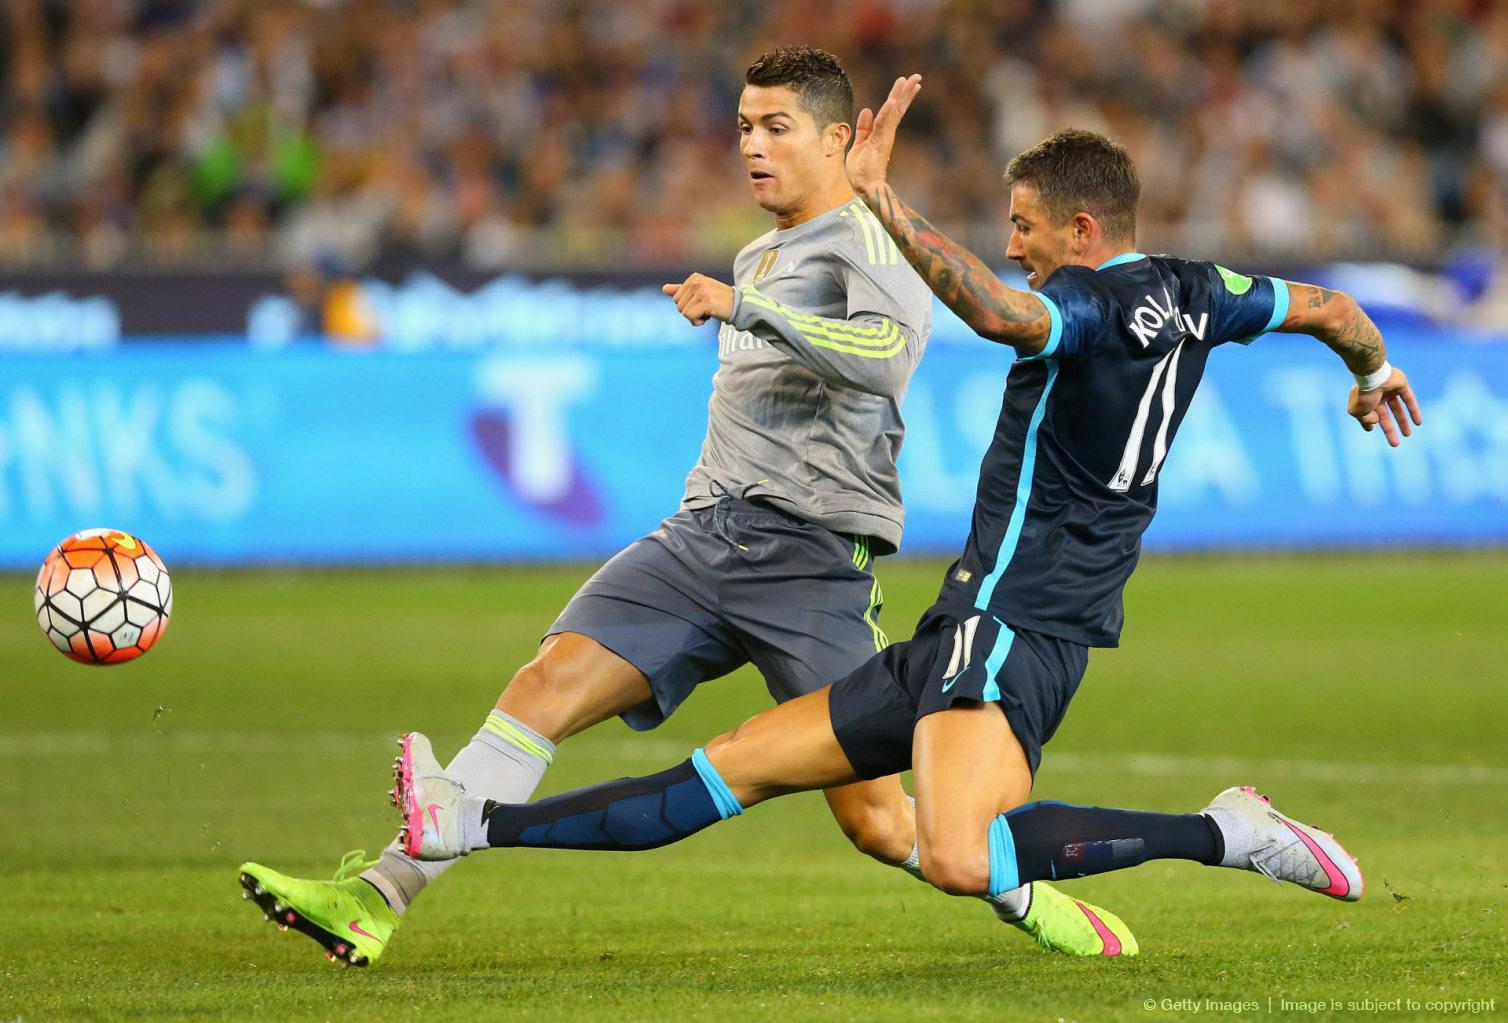 رئال مادرید 4-1 منچستر سیتی؛ ترک استرالیا با عملکردی مثبت